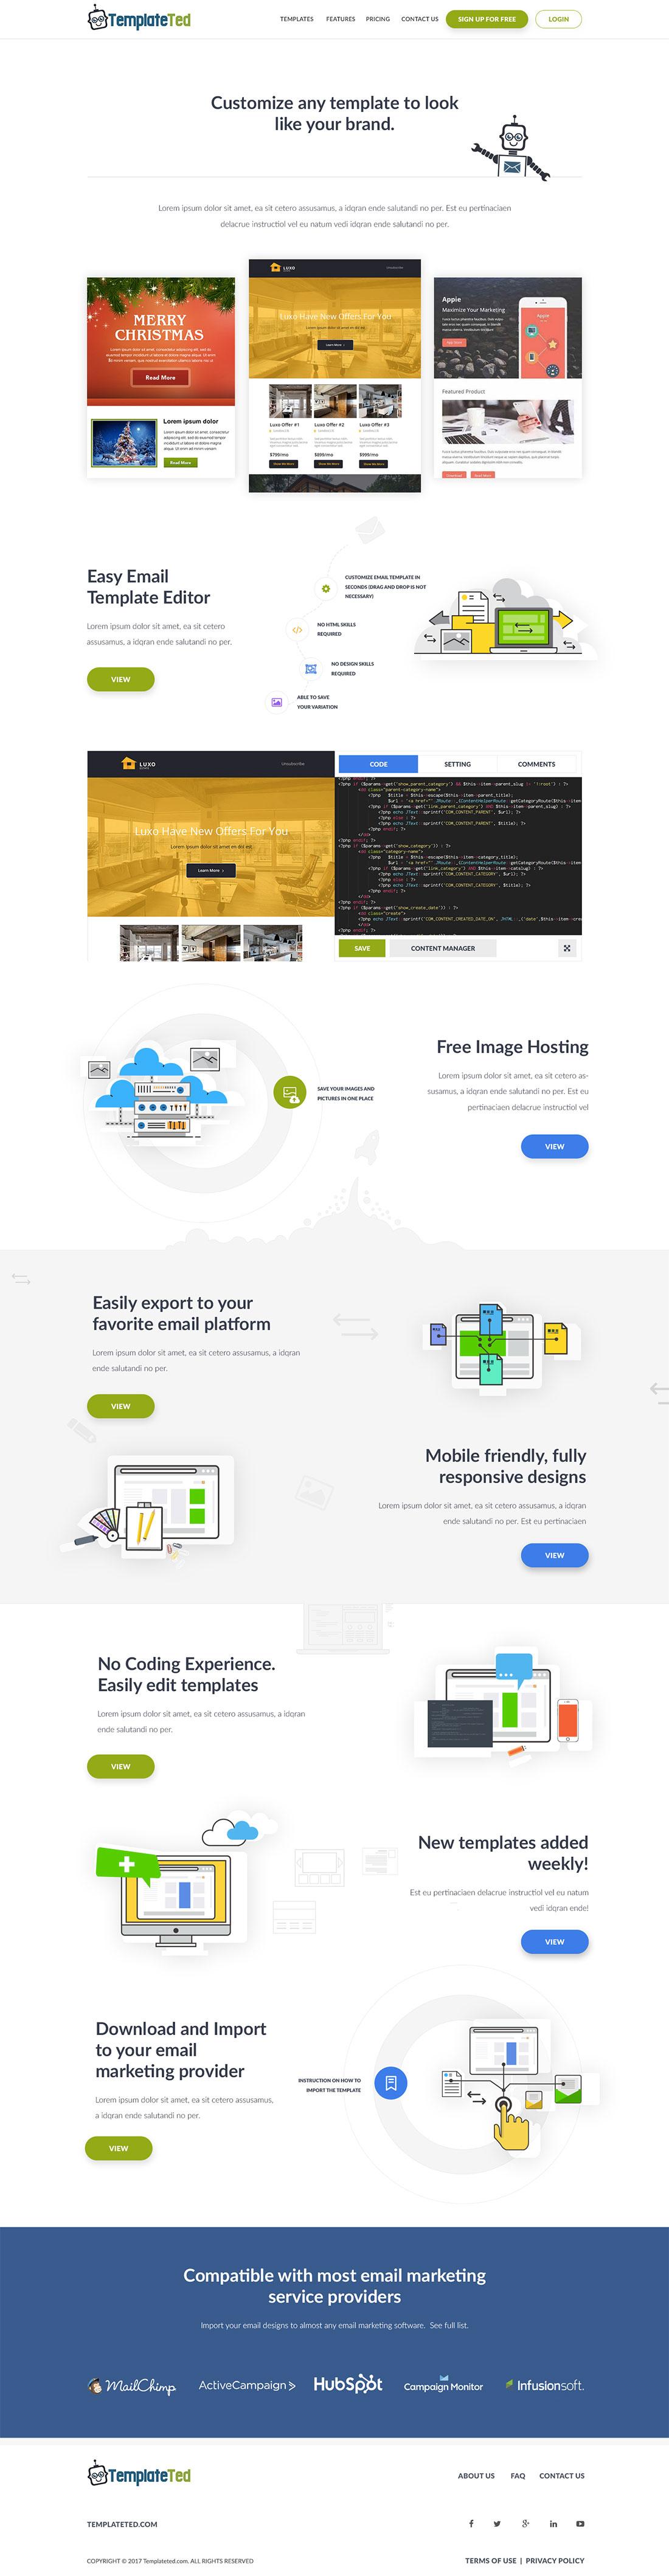 web design top trends